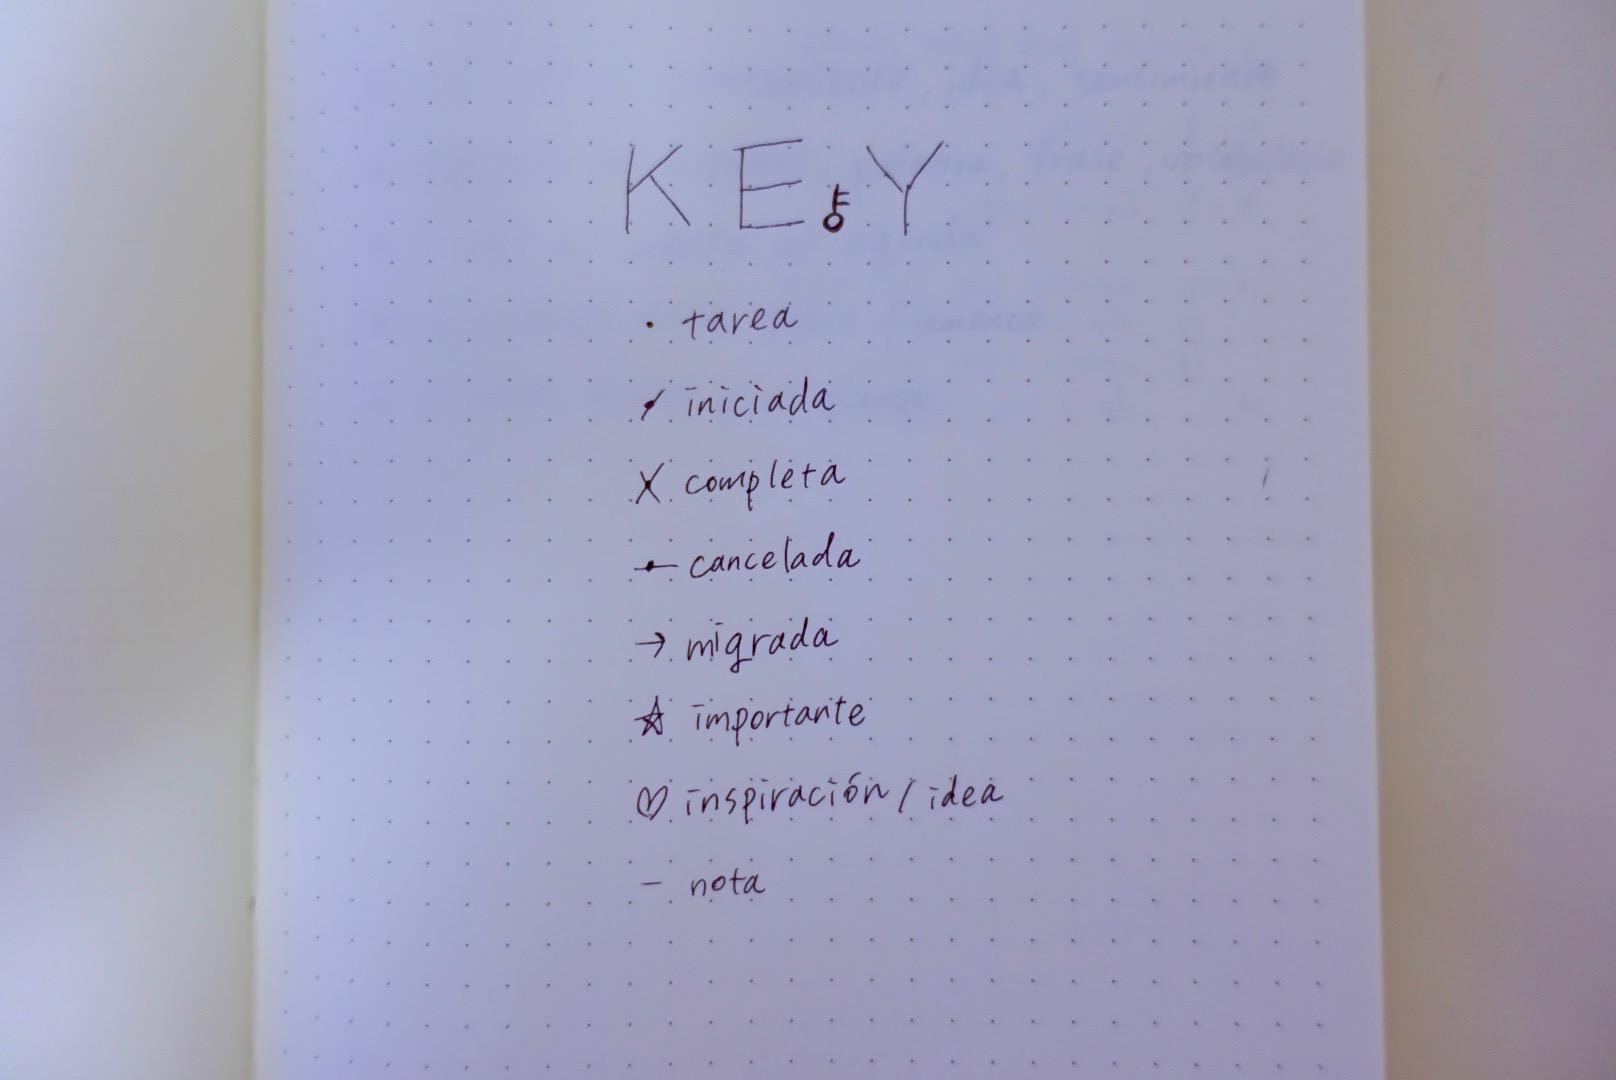 バレットジャーナルのキー(スペイン語)